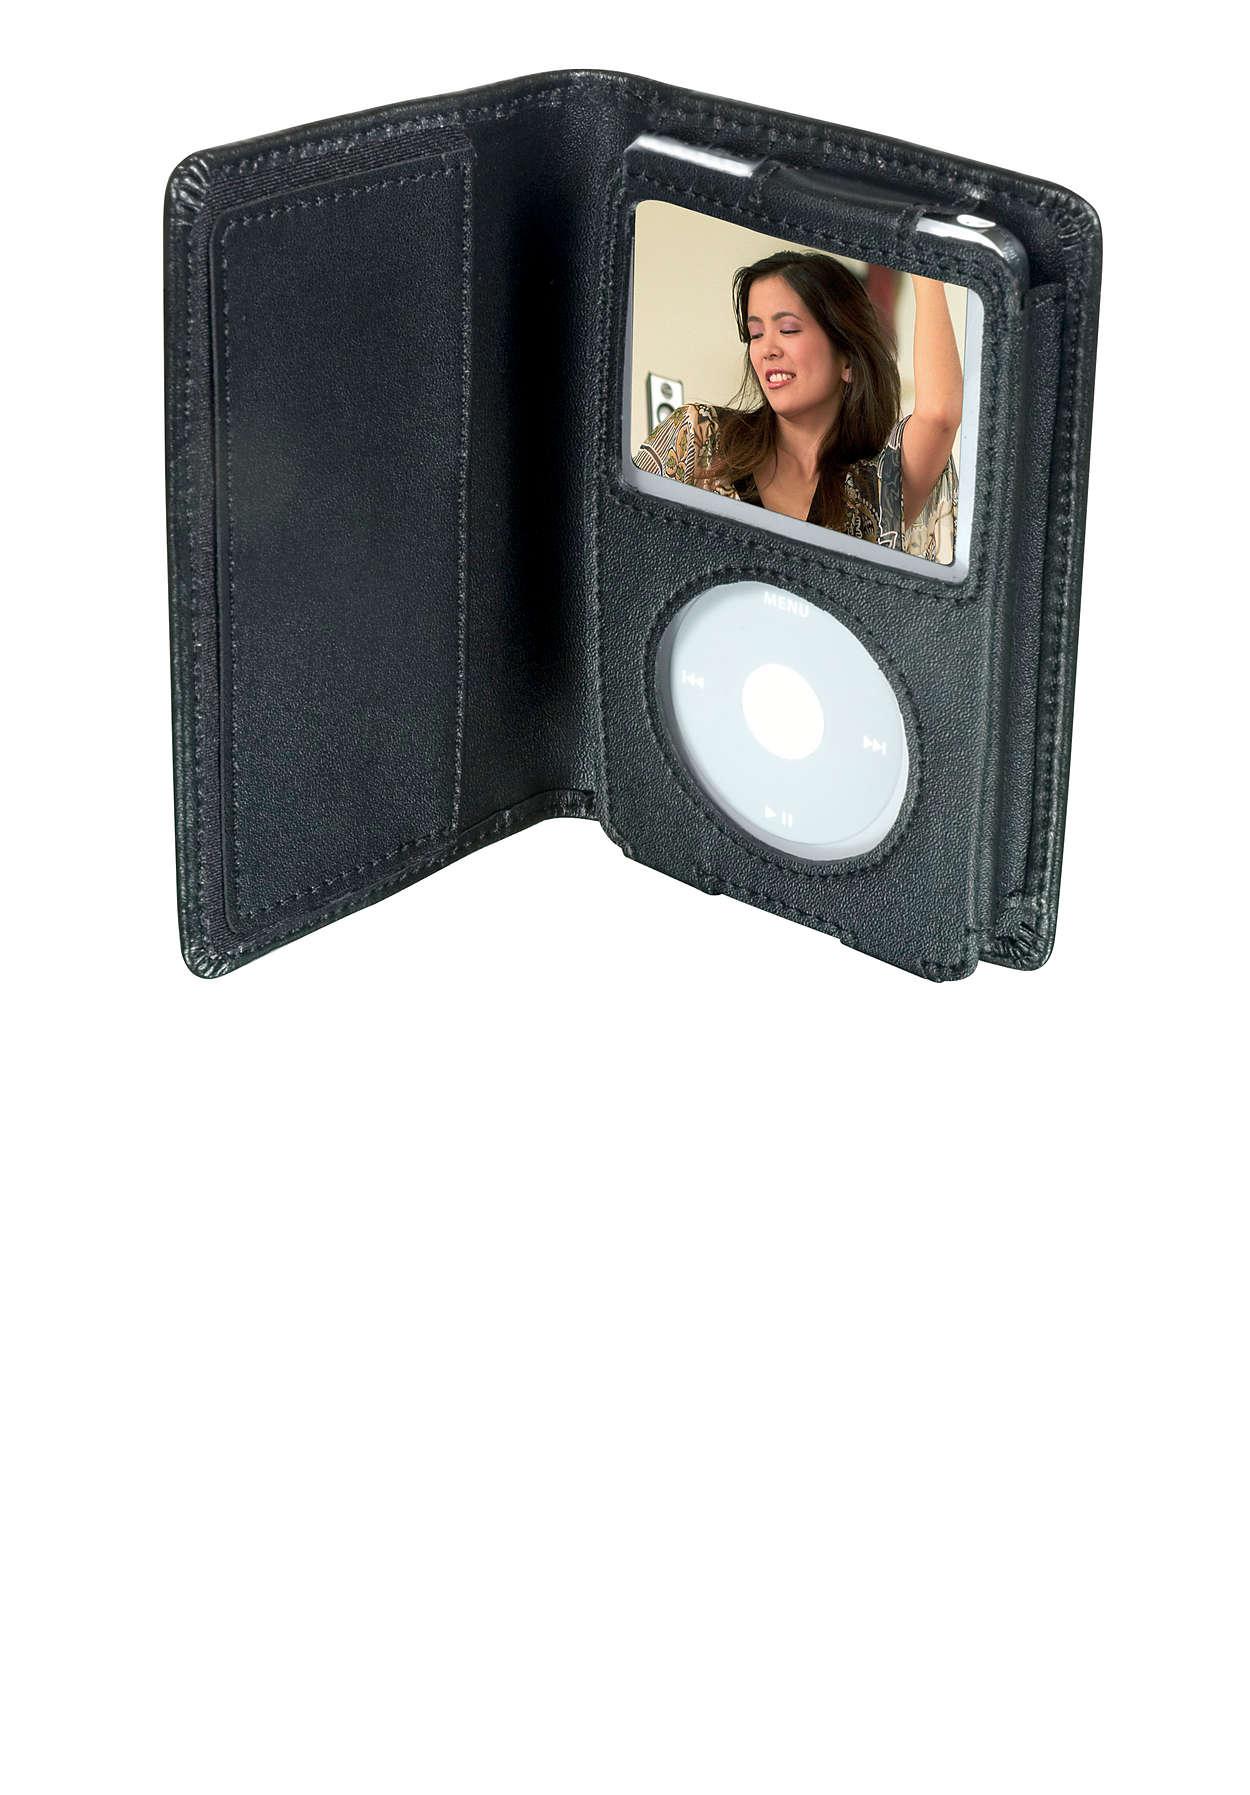 Protege tu video iPod con estilo